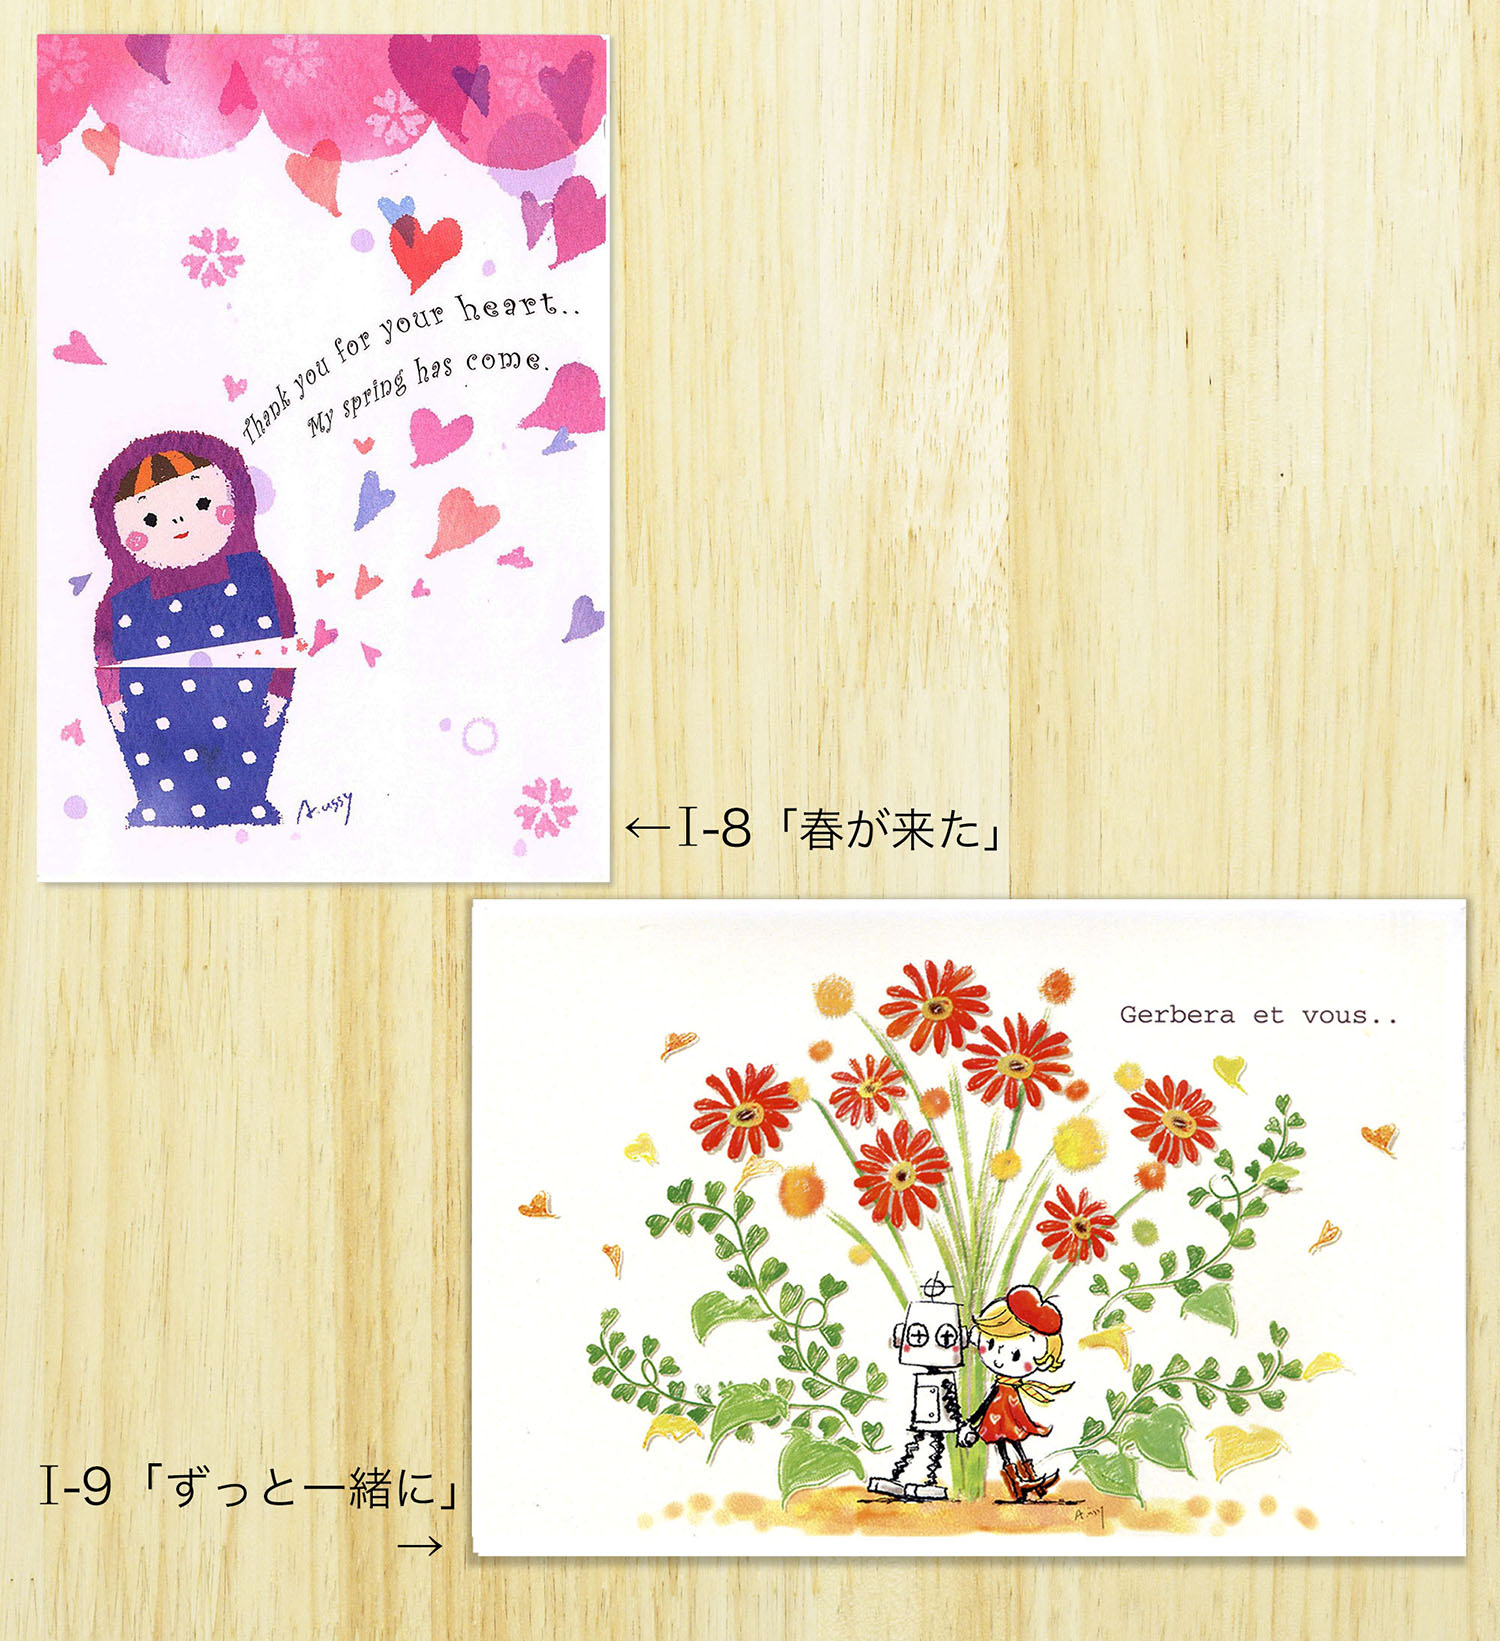 I-8~9 ポストカード<br>「春が来た」「ずっと一緒に」<br> W100×H148  ¥150(税込み)